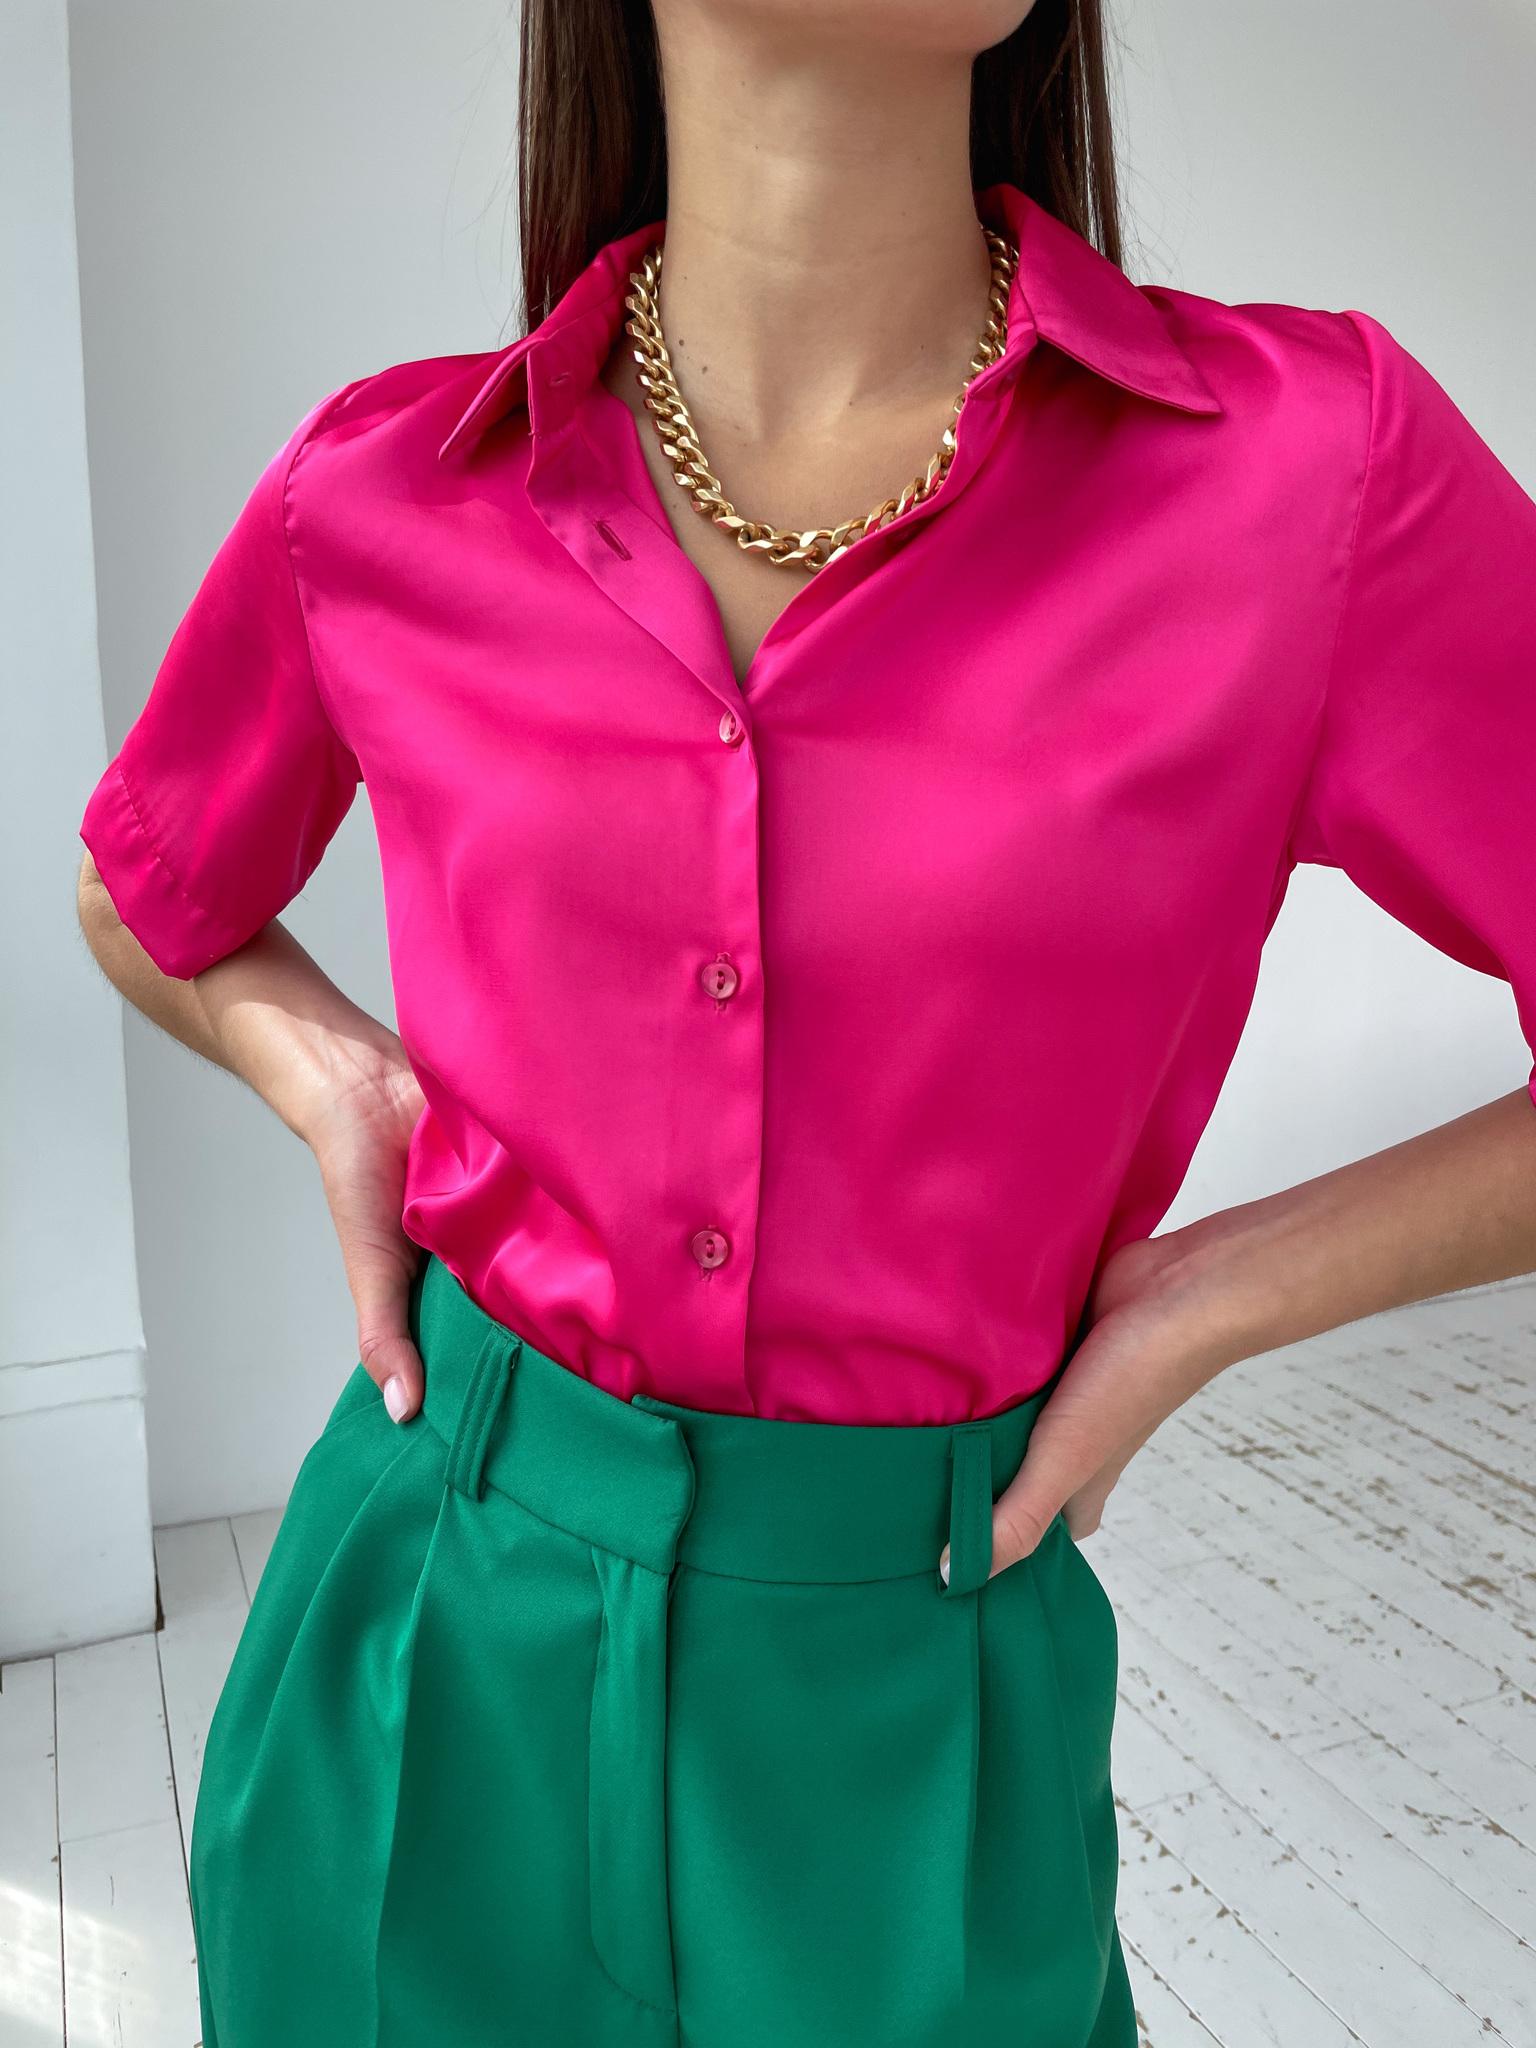 Рубашка шелковистая с коротким рукавом (фуксия)